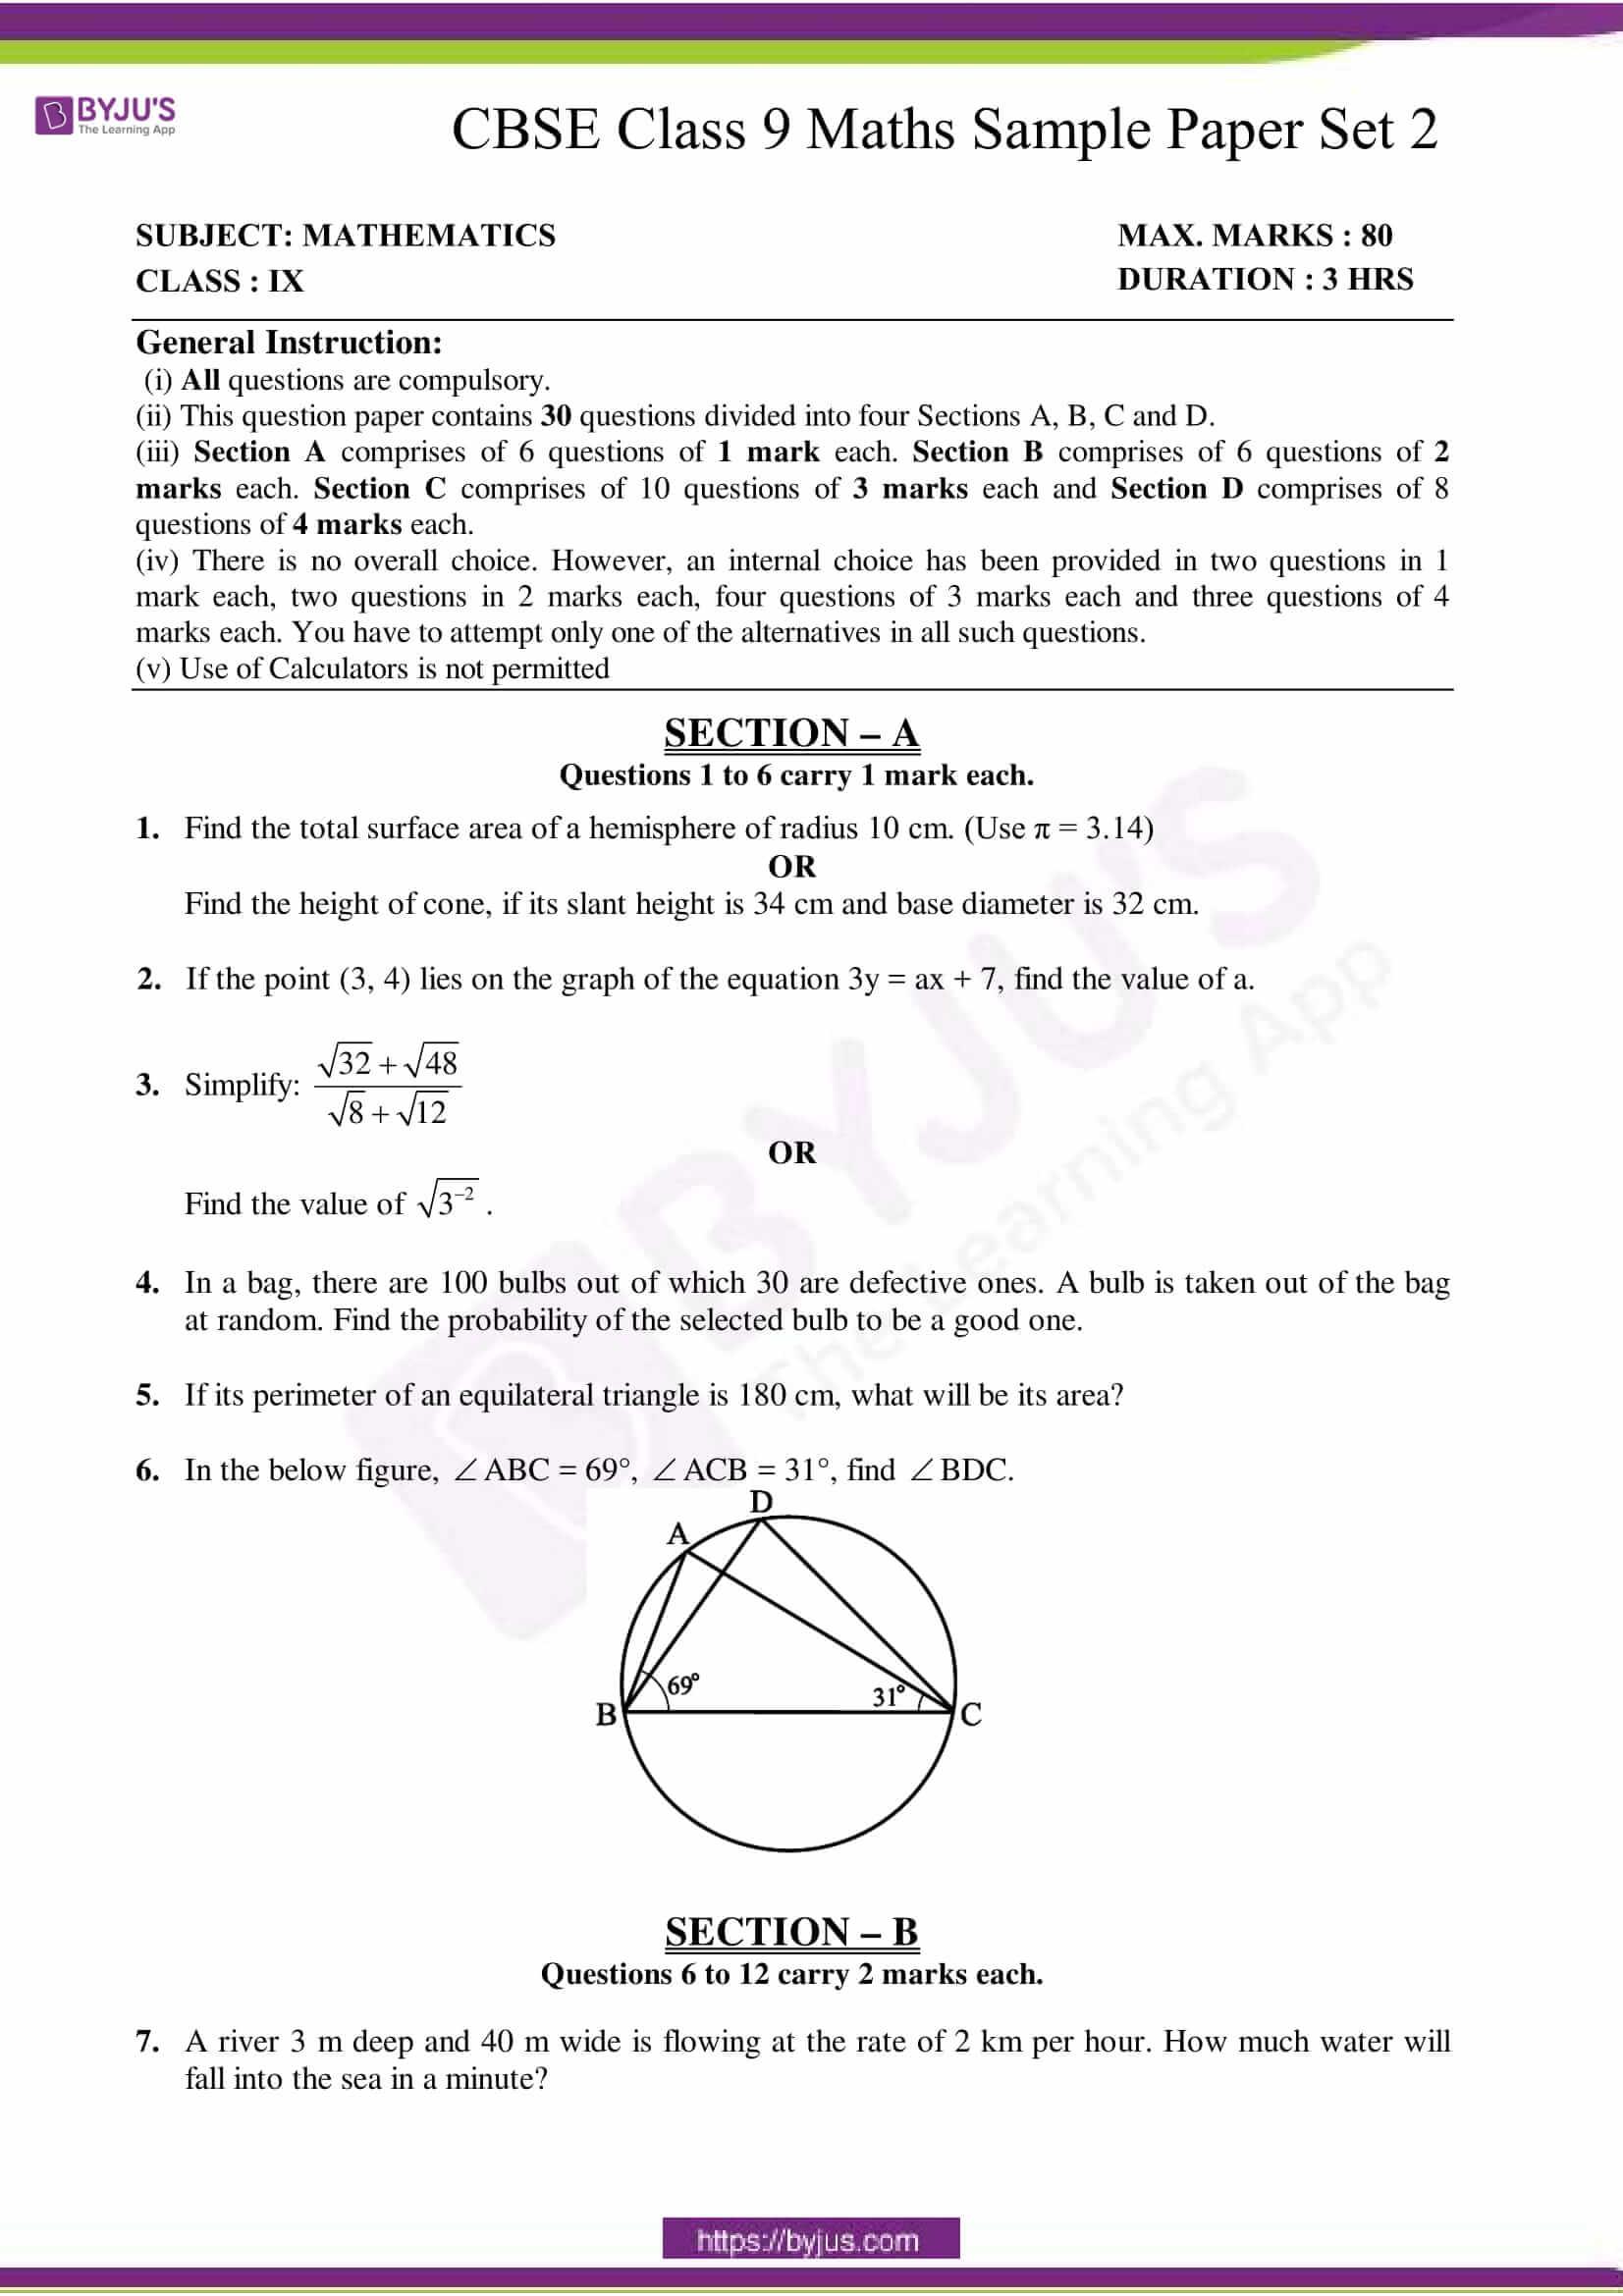 cbse sample paper class 9 maths set 2